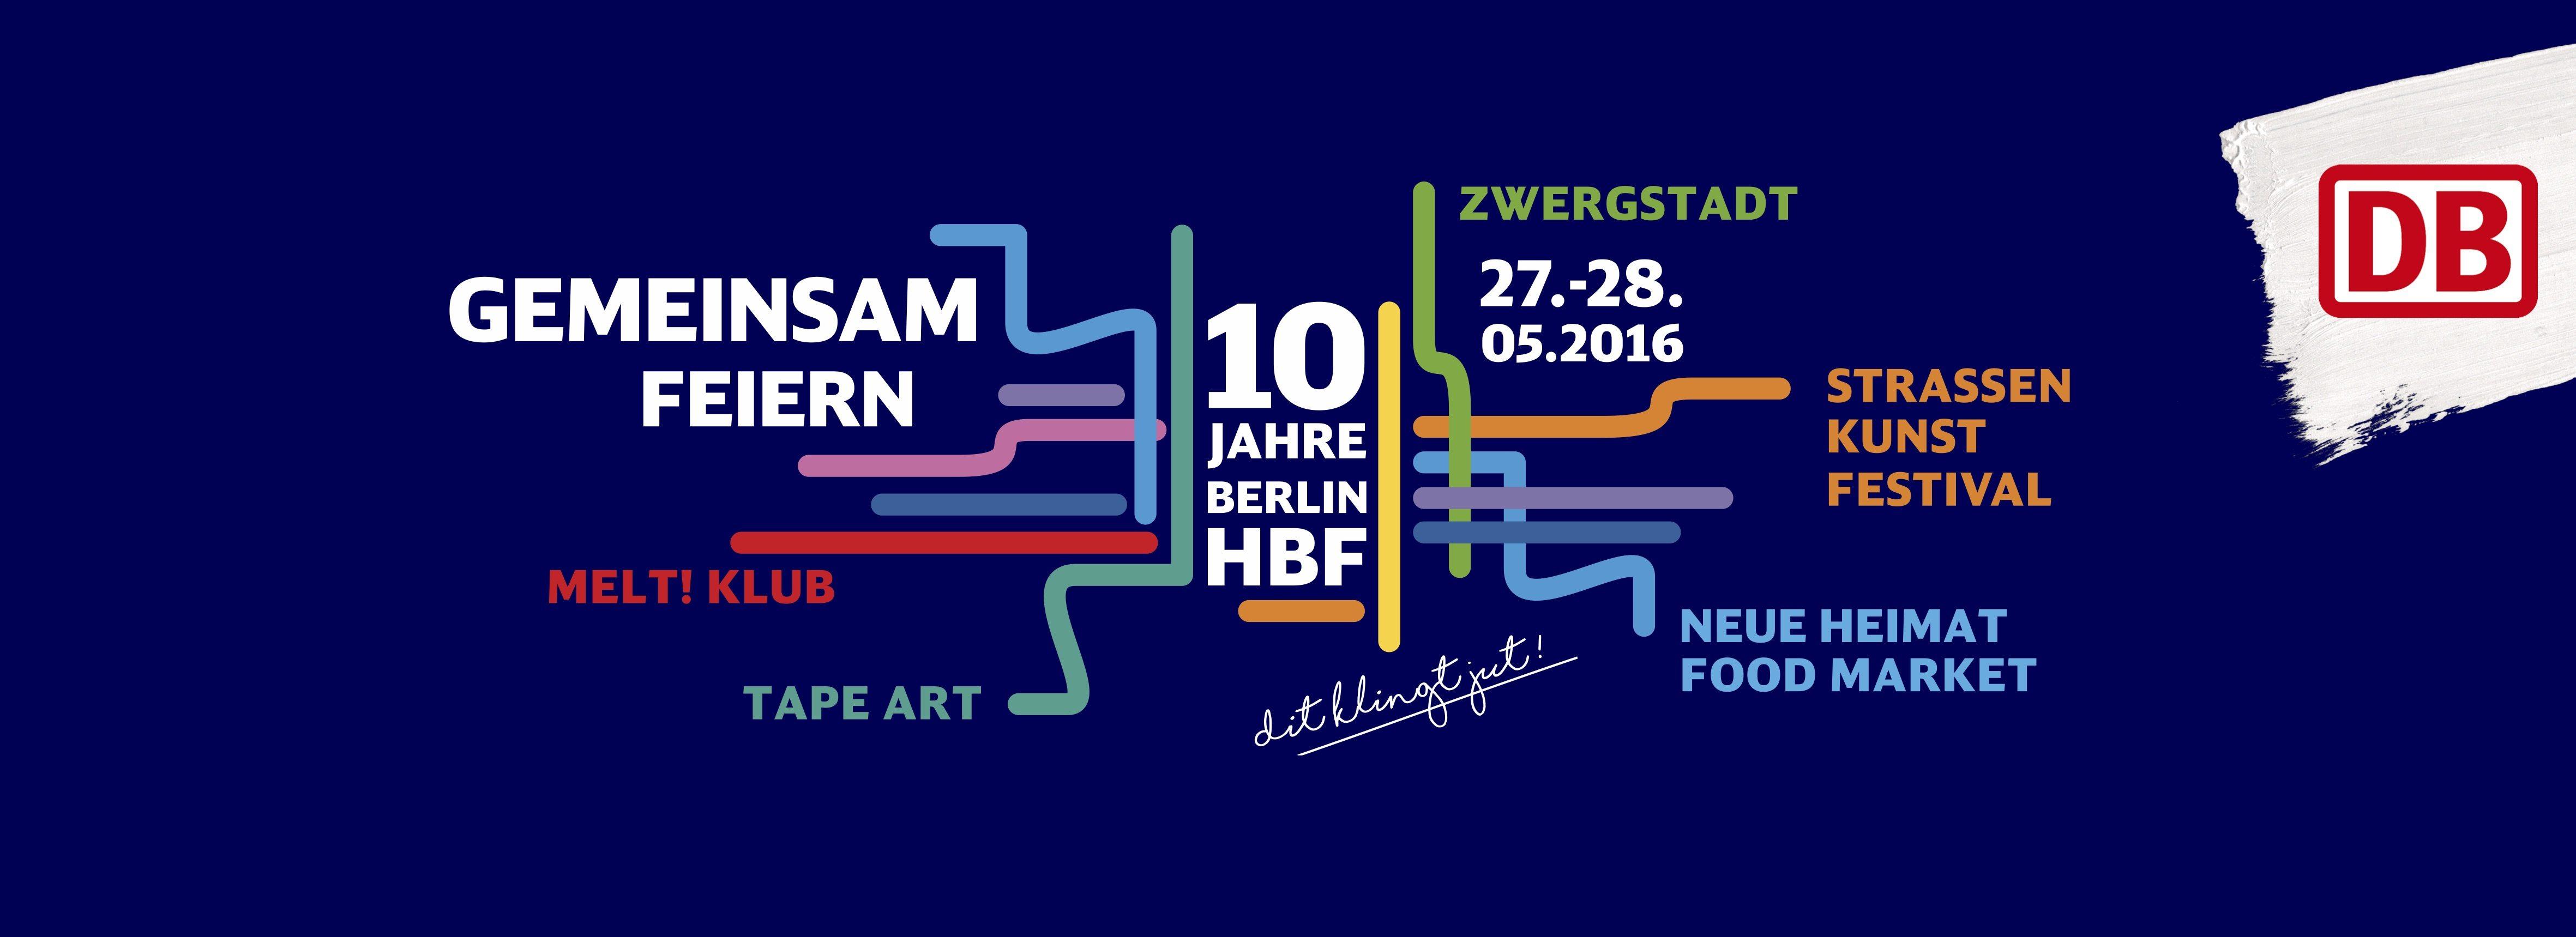 Ankündigung Visual Deutsche Bahn Header